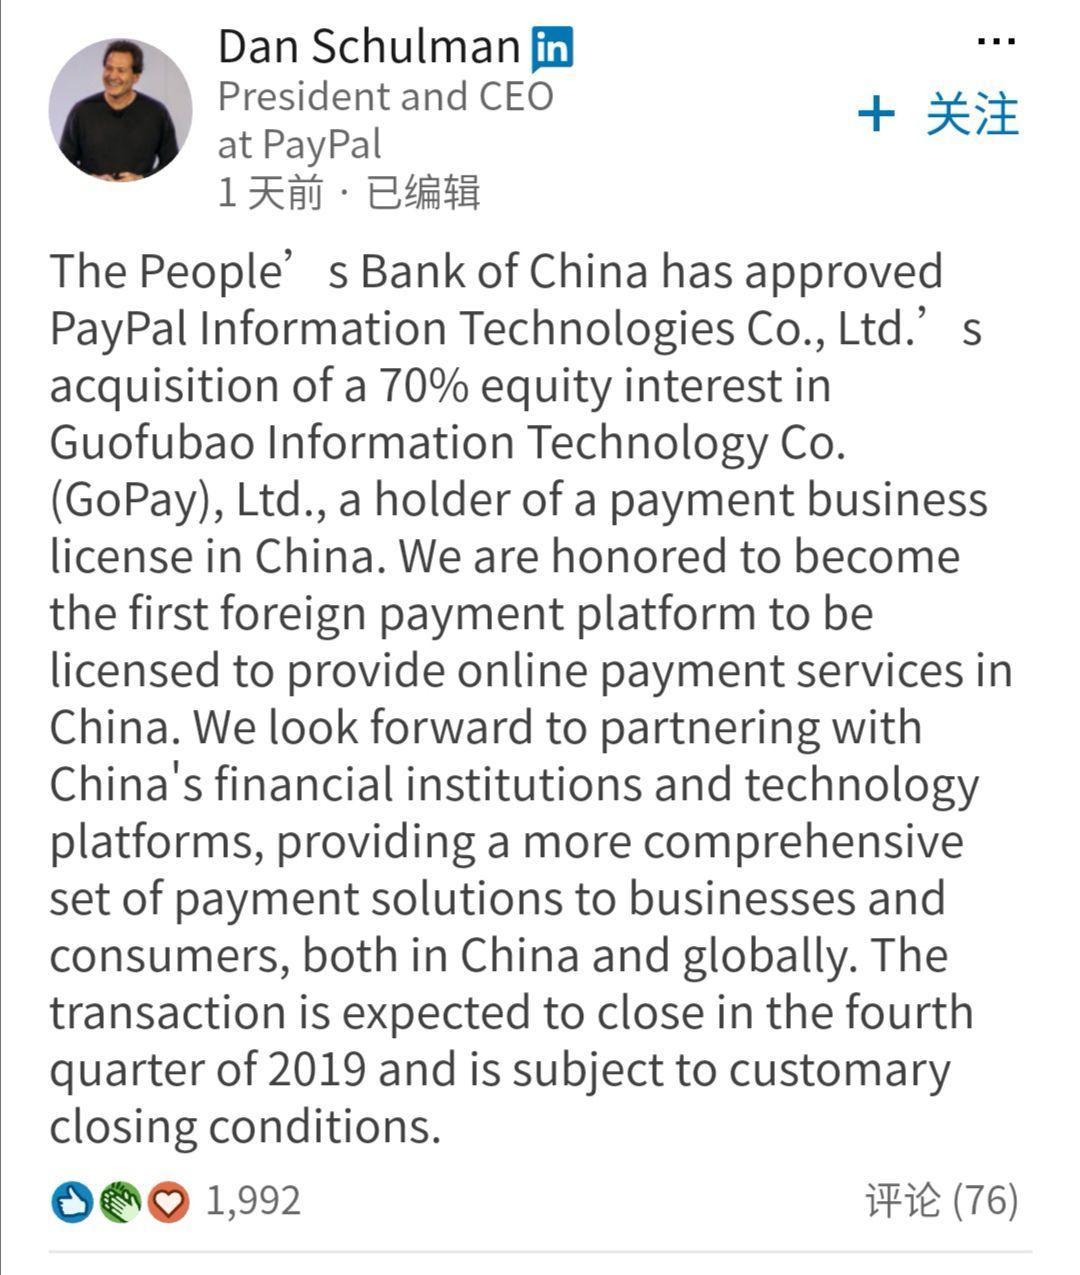 乐蜂网宣布9月18日关停 大股东唯品会:业务调整考虑